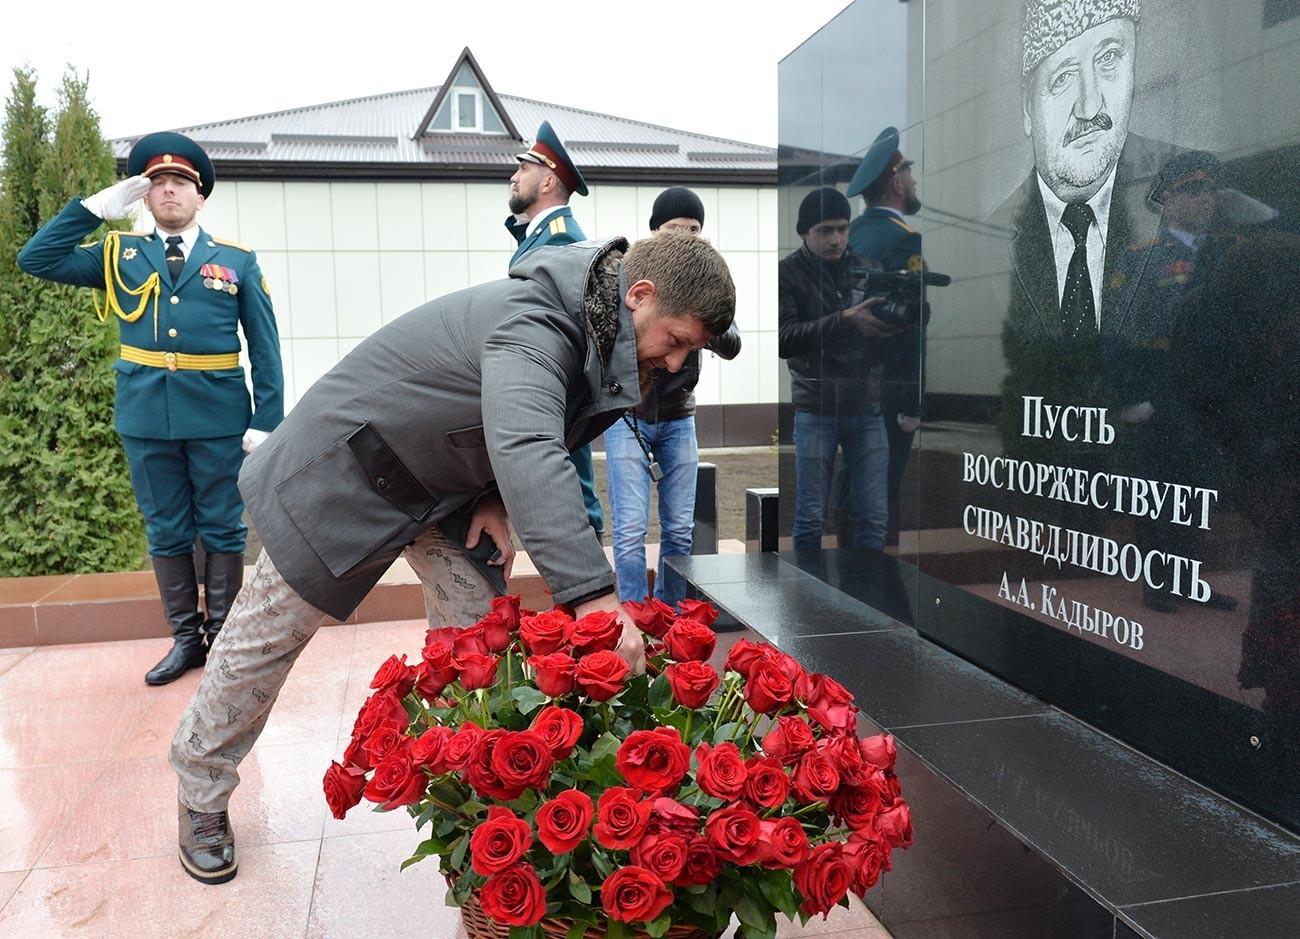 Čečenski predsednik Ramzan Kadirov med spominsko slovesnostjo za njegovega očeta.